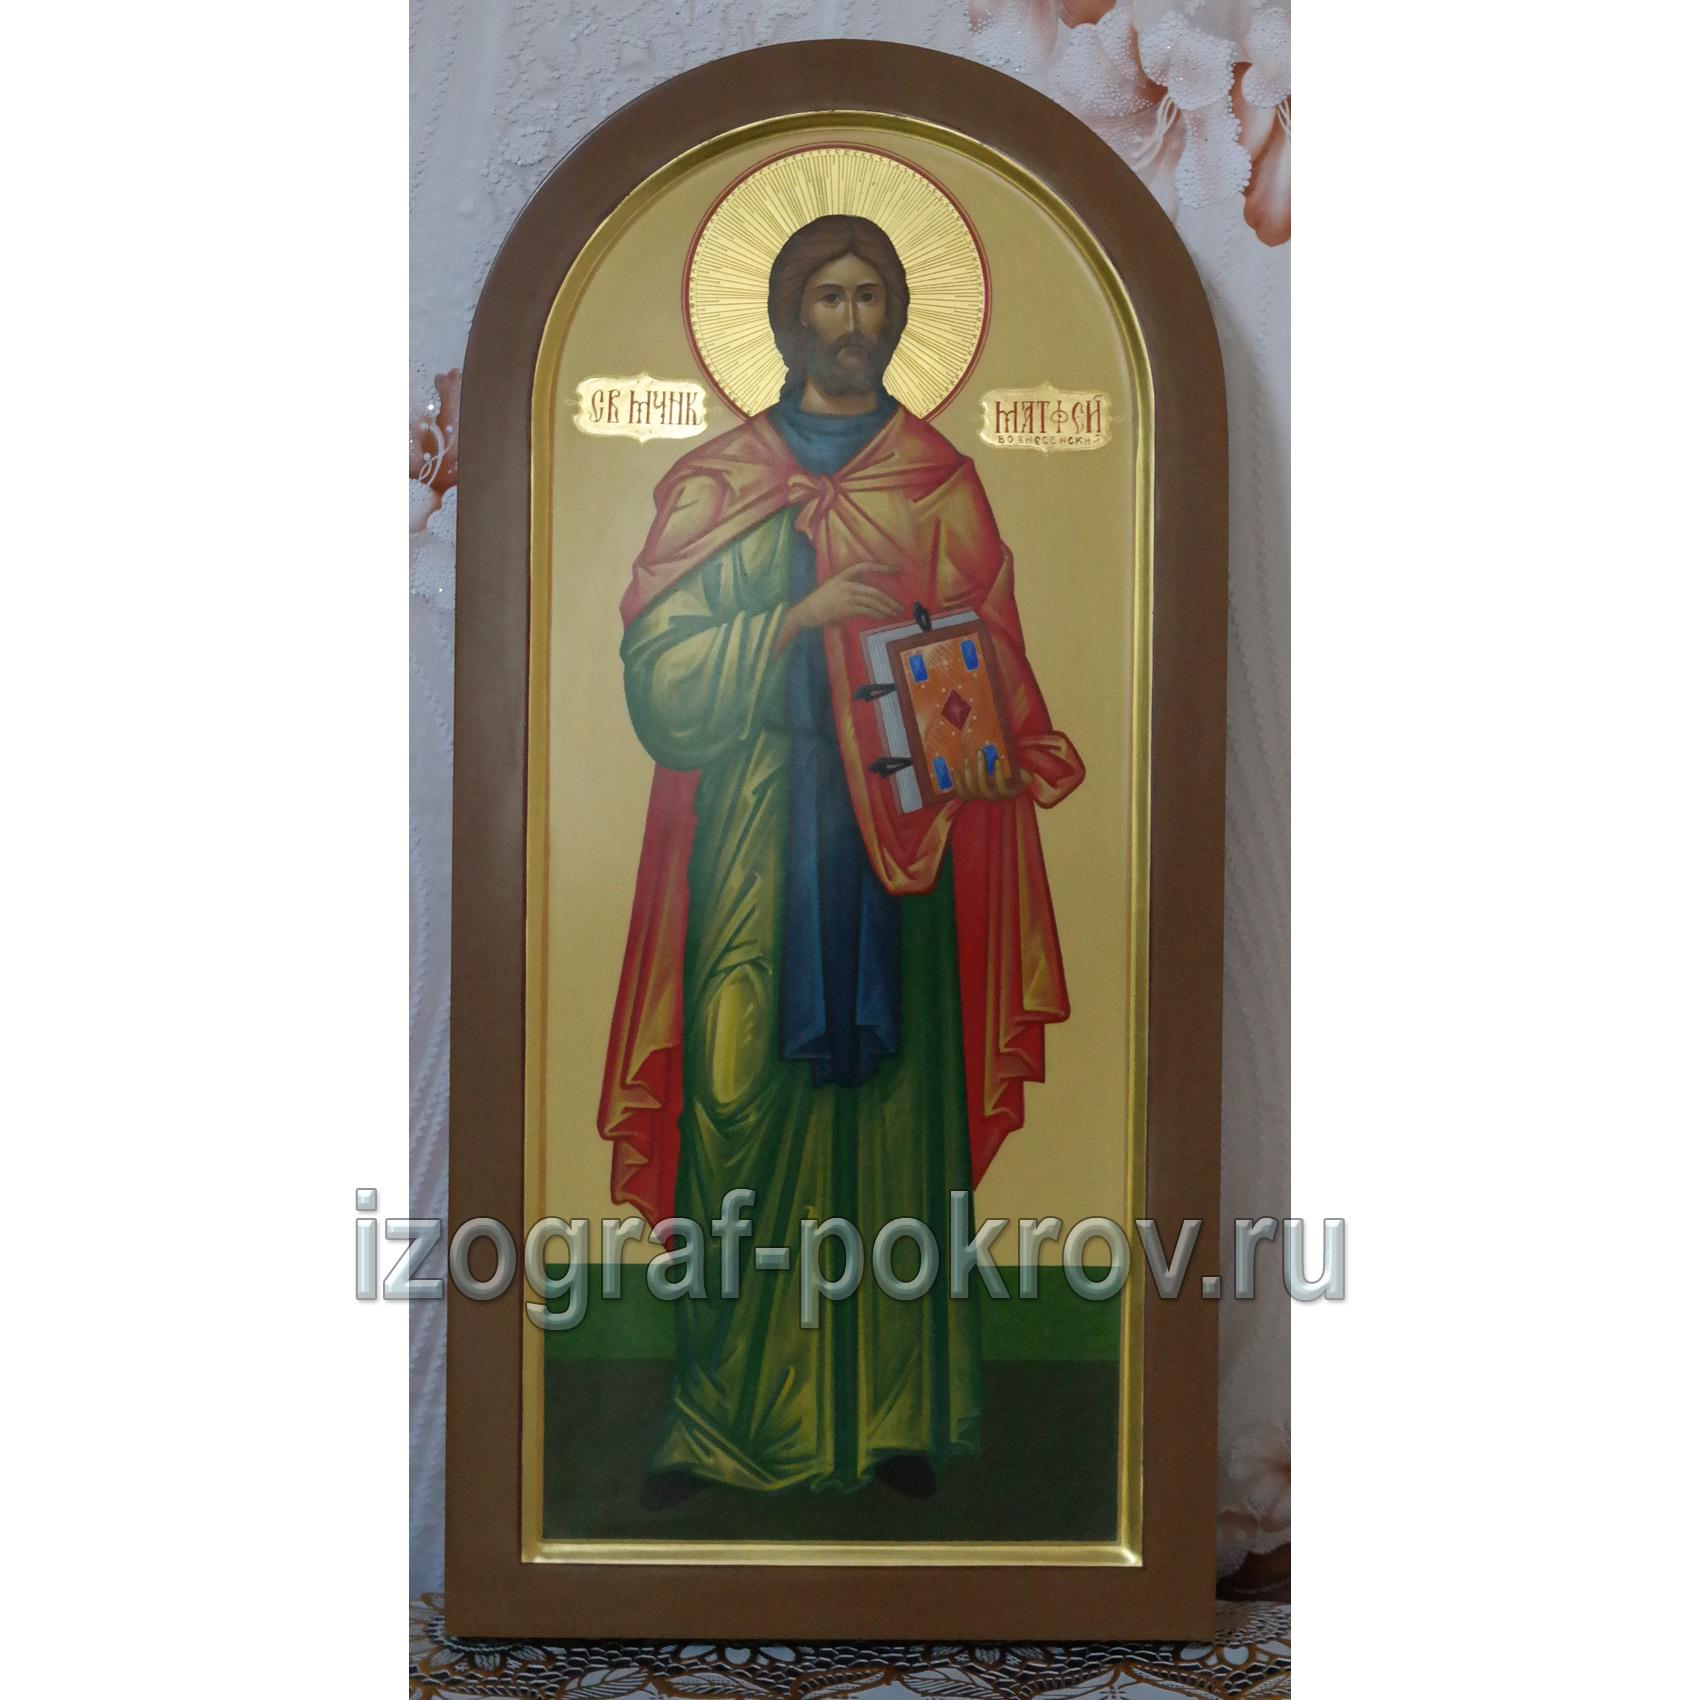 Мерная икона Матфей (Матфия) Вознесенский